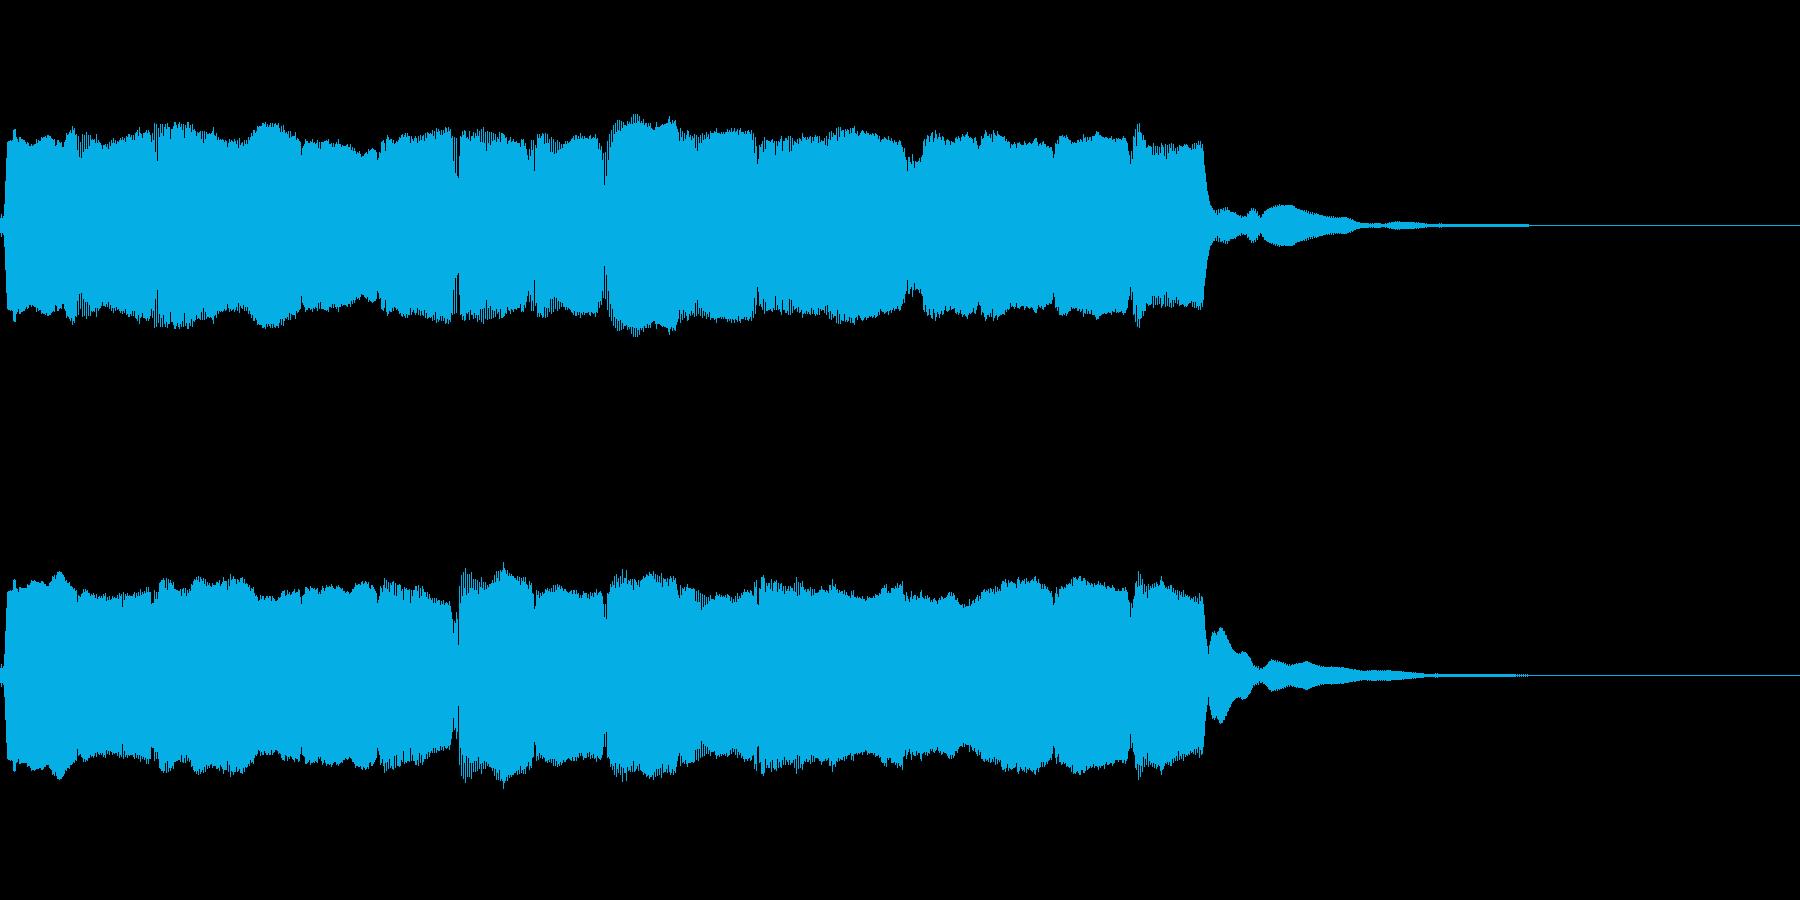 笛のアイキャッチ(ゆったり)の再生済みの波形